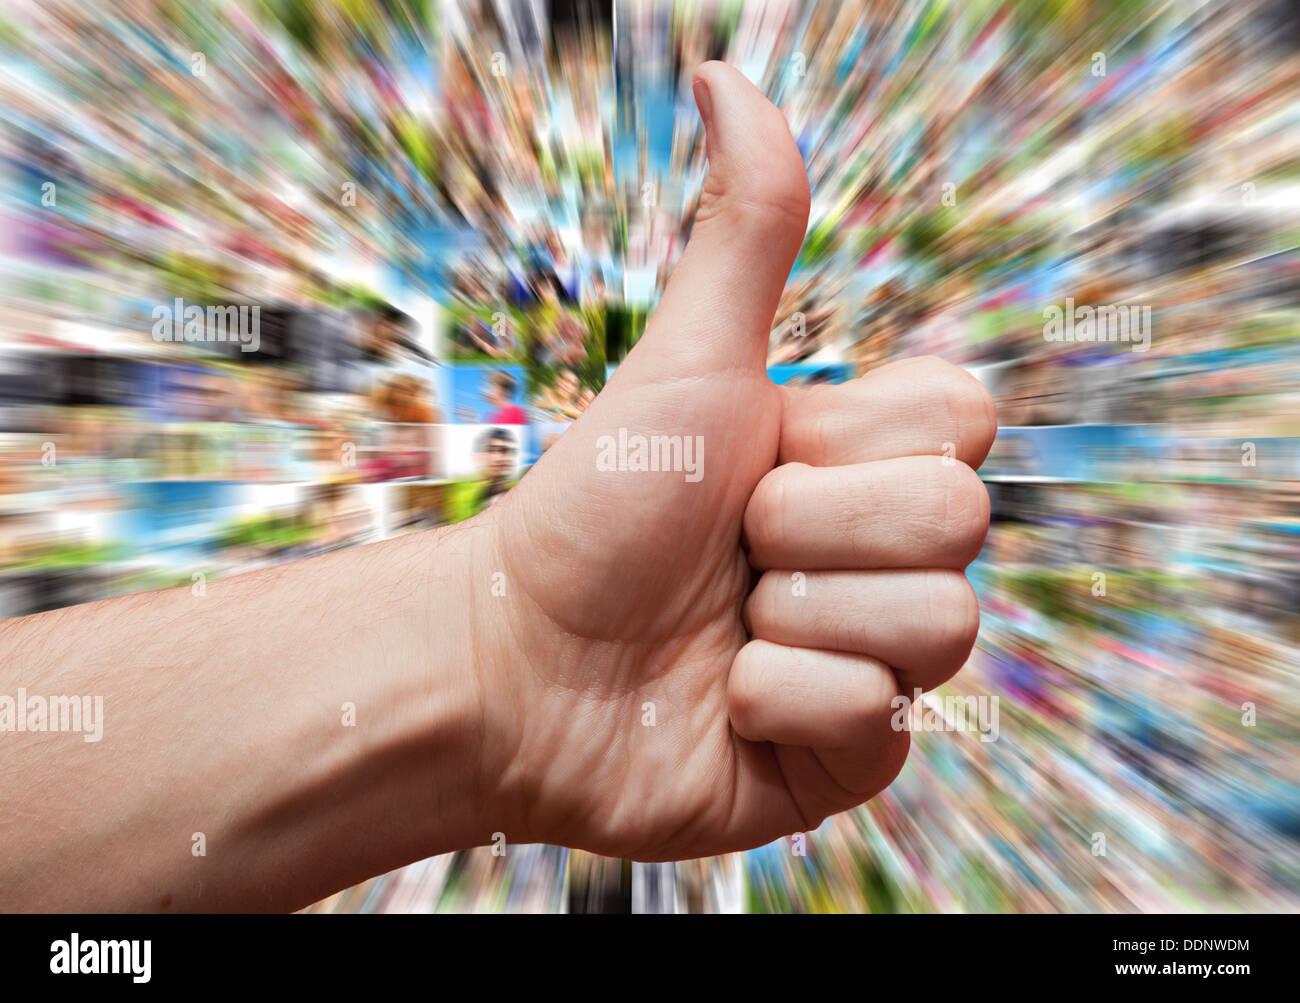 Social media come concetto con la mano in simili o pollice in alto segno Immagini Stock